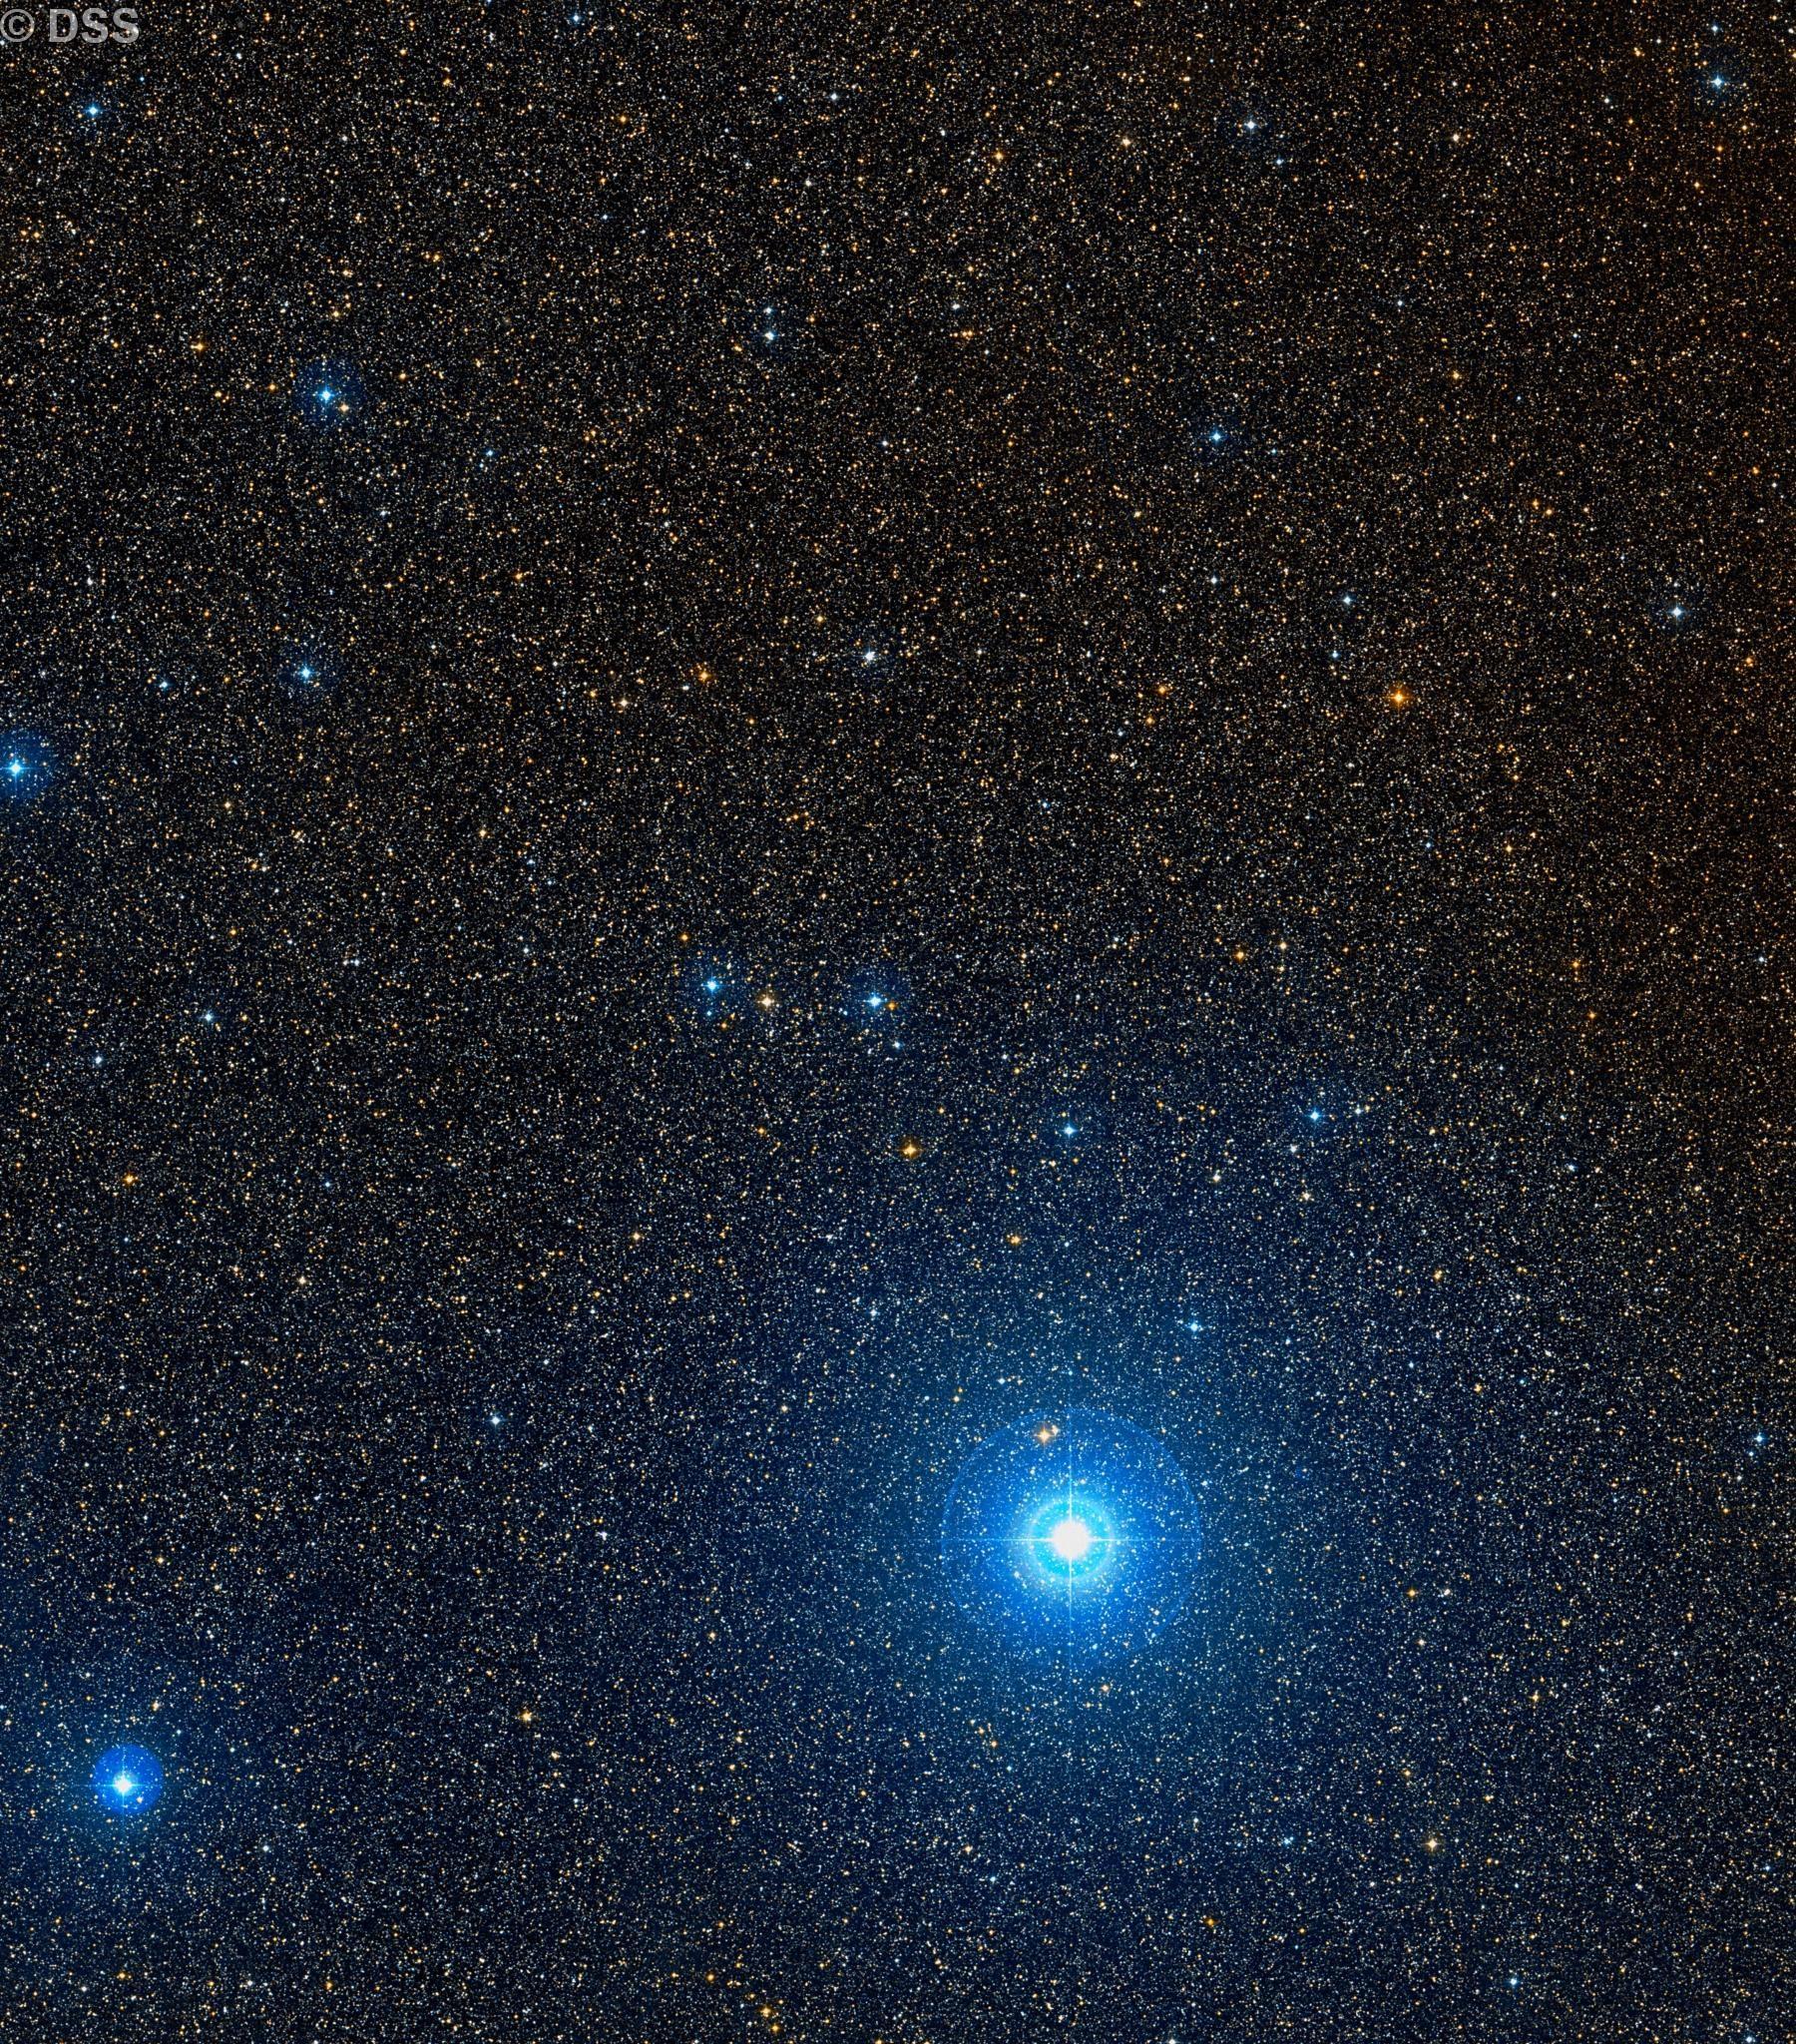 NGC 6795